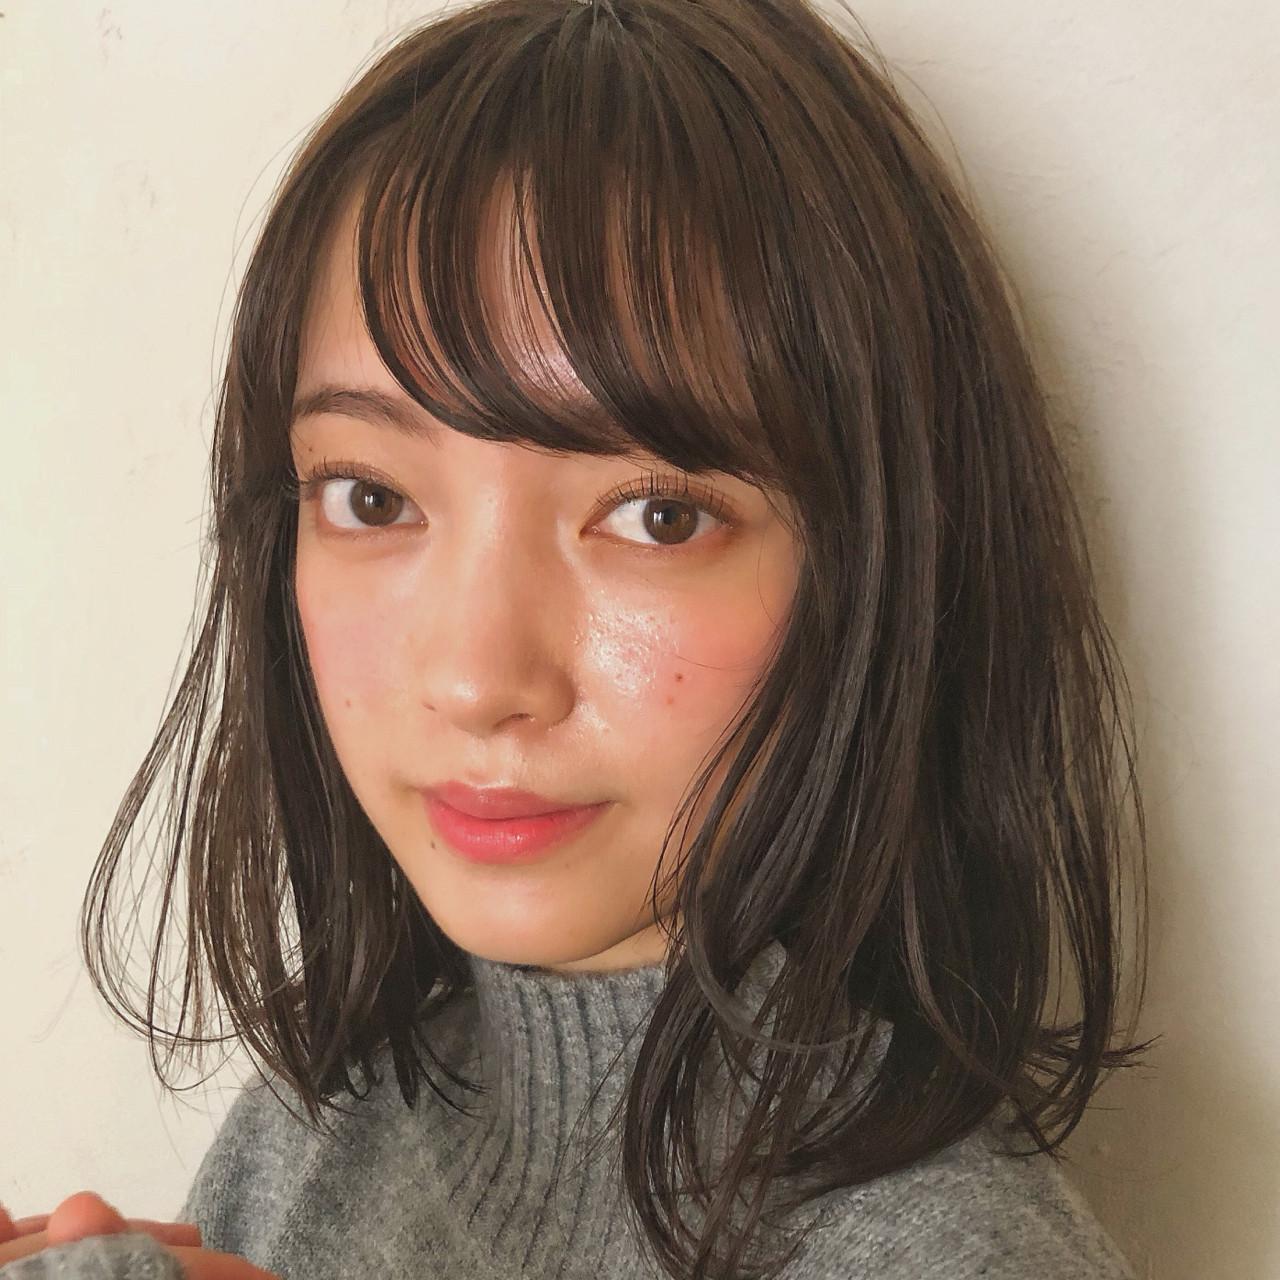 秋 女子力 ナチュラル エフォートレス ヘアスタイルや髪型の写真・画像 | [新宿]内田航 柔らかストレートとミディアムボブ / joemi by unami